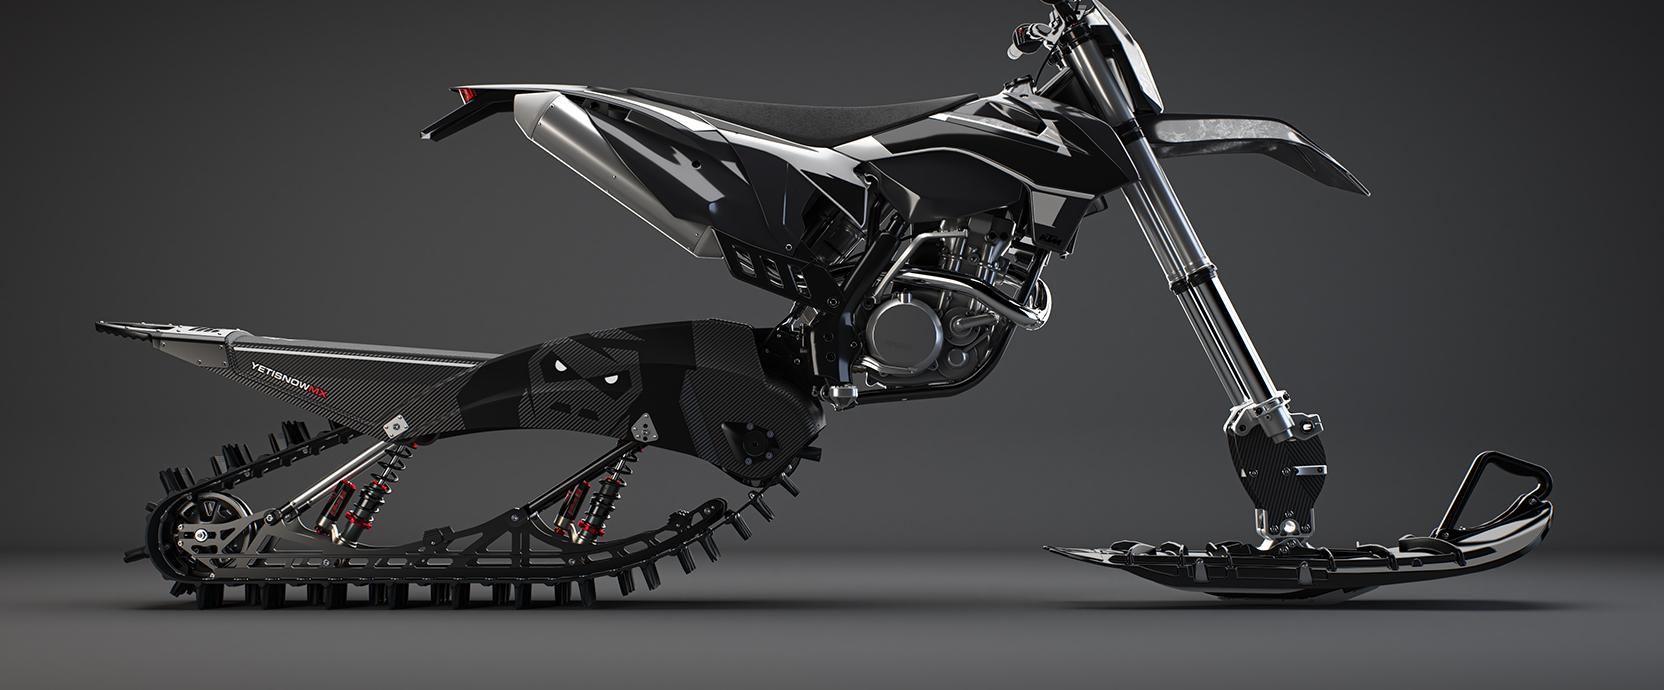 2020 YETI SnowMX System